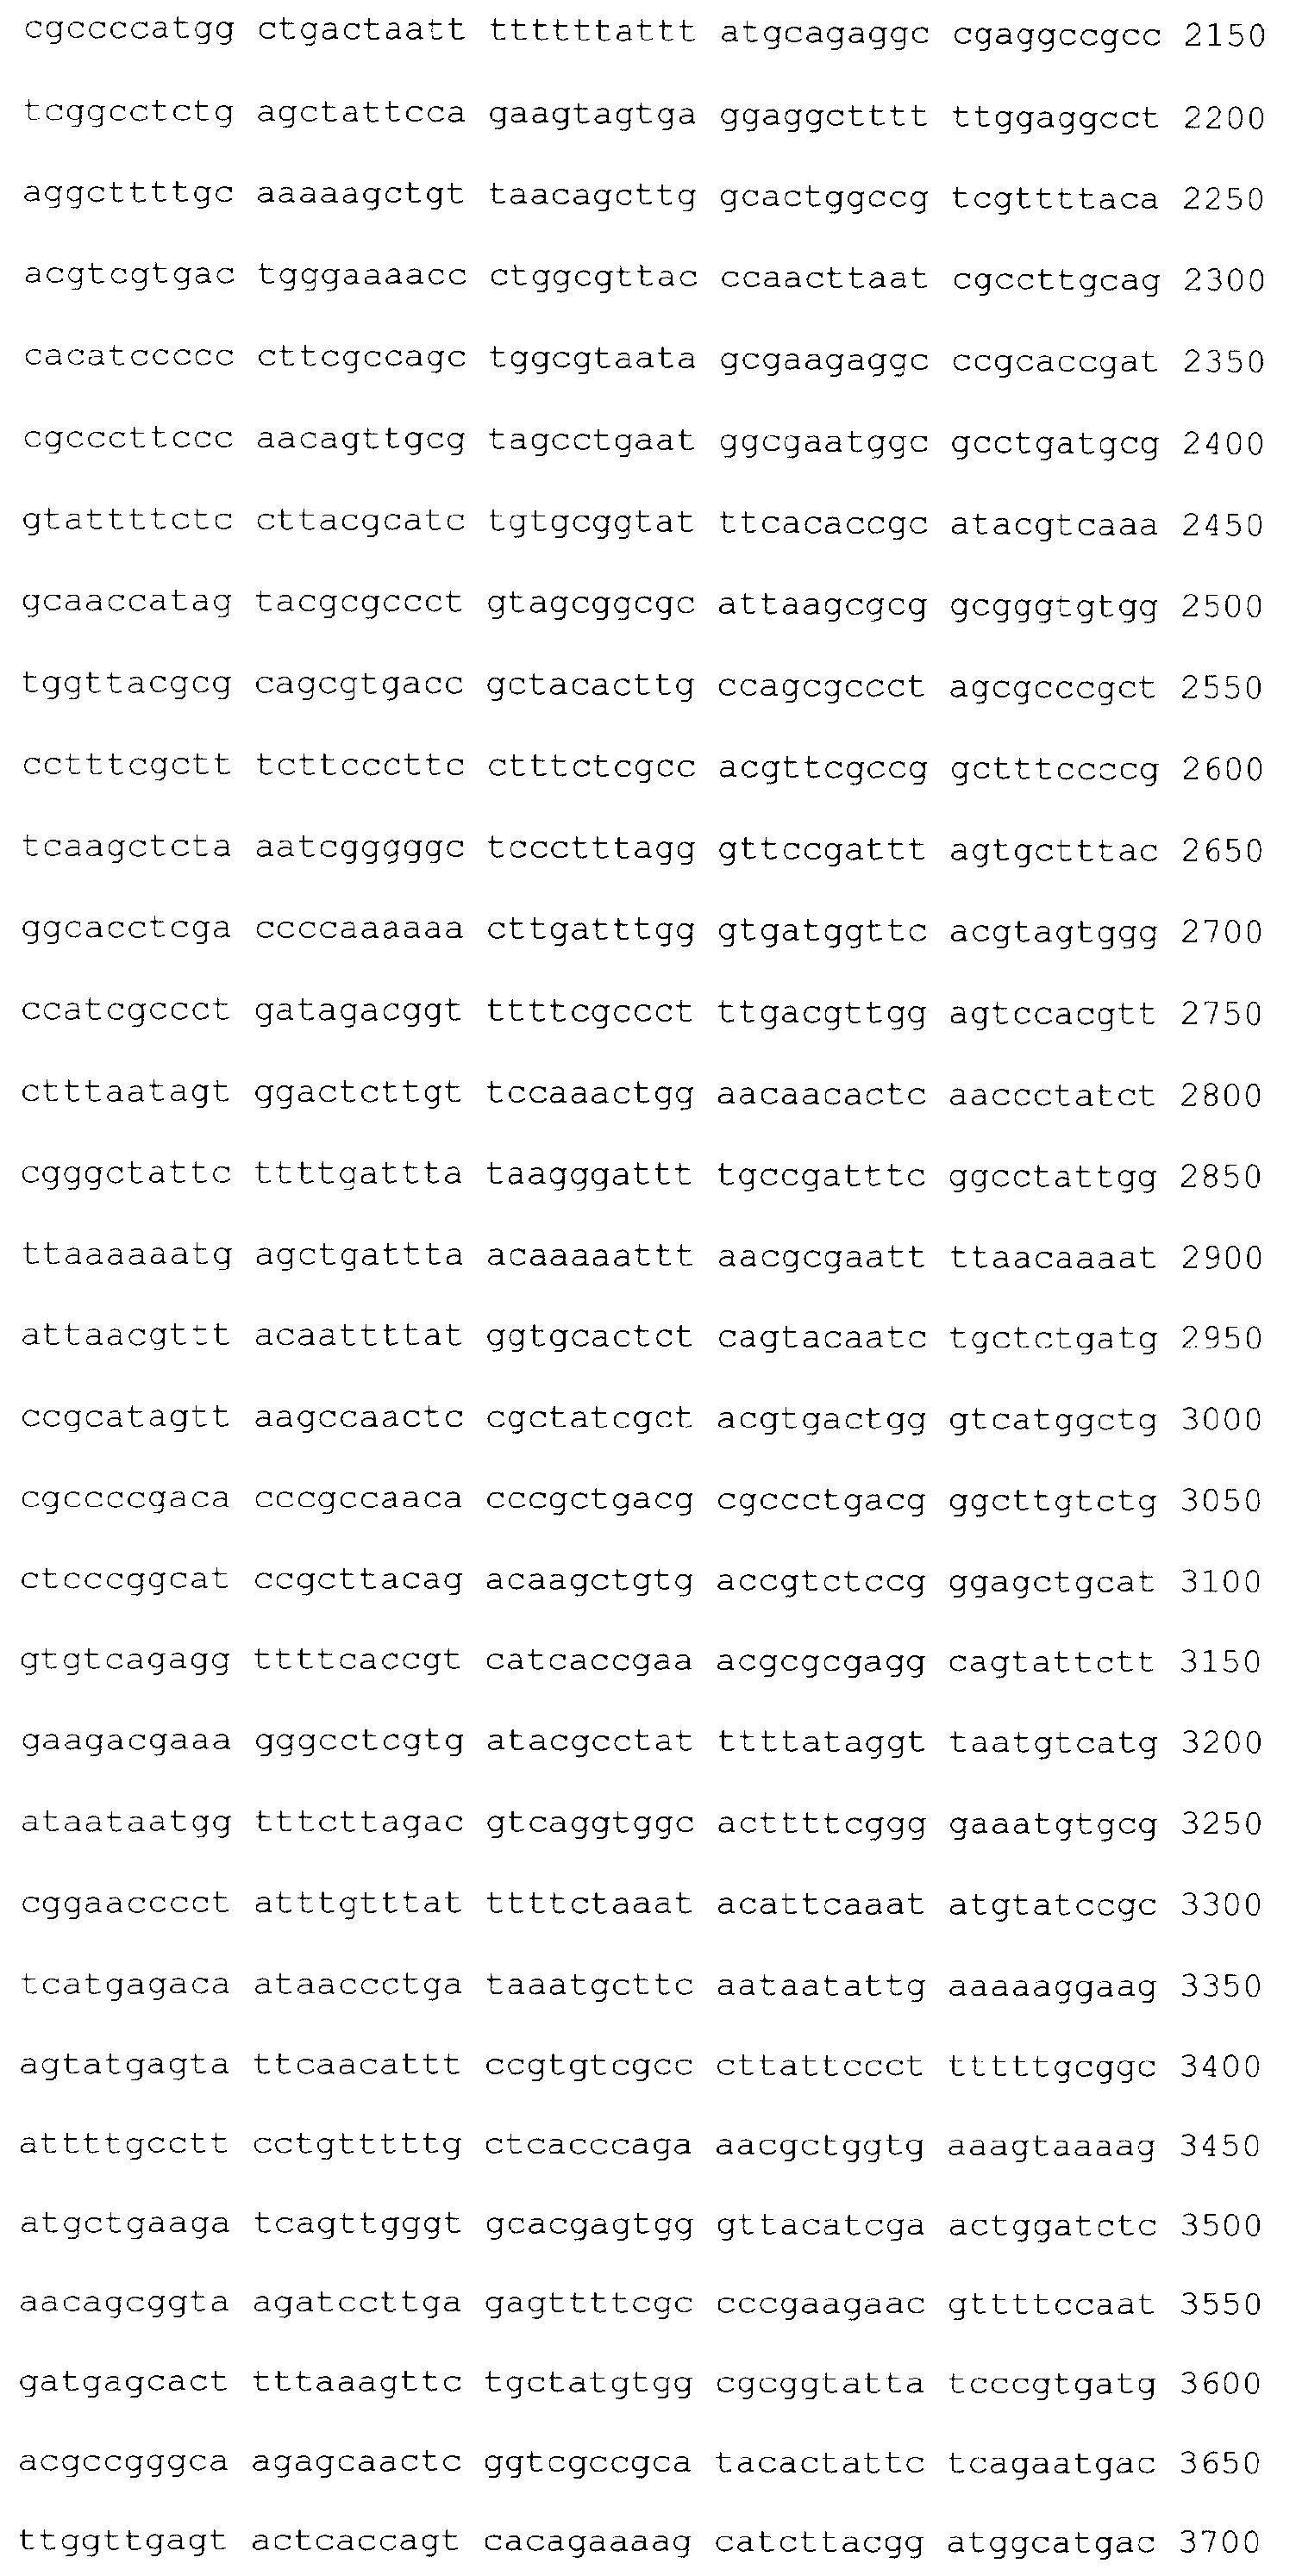 Petefészekrák – Wikipédia